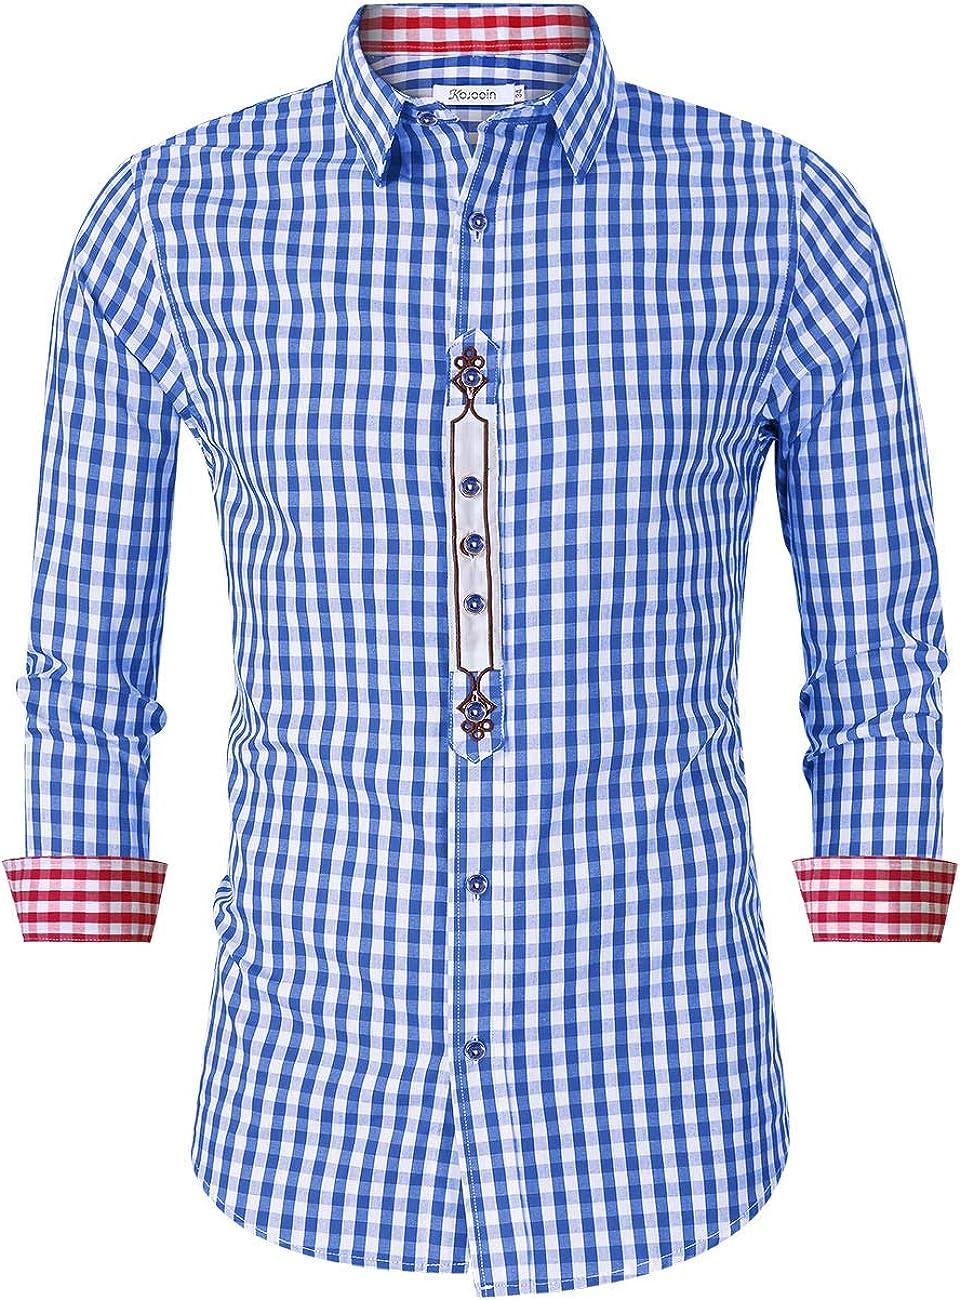 KOJOOIN Camisa Hombre Manga Larga Tradicional Camisa para ...